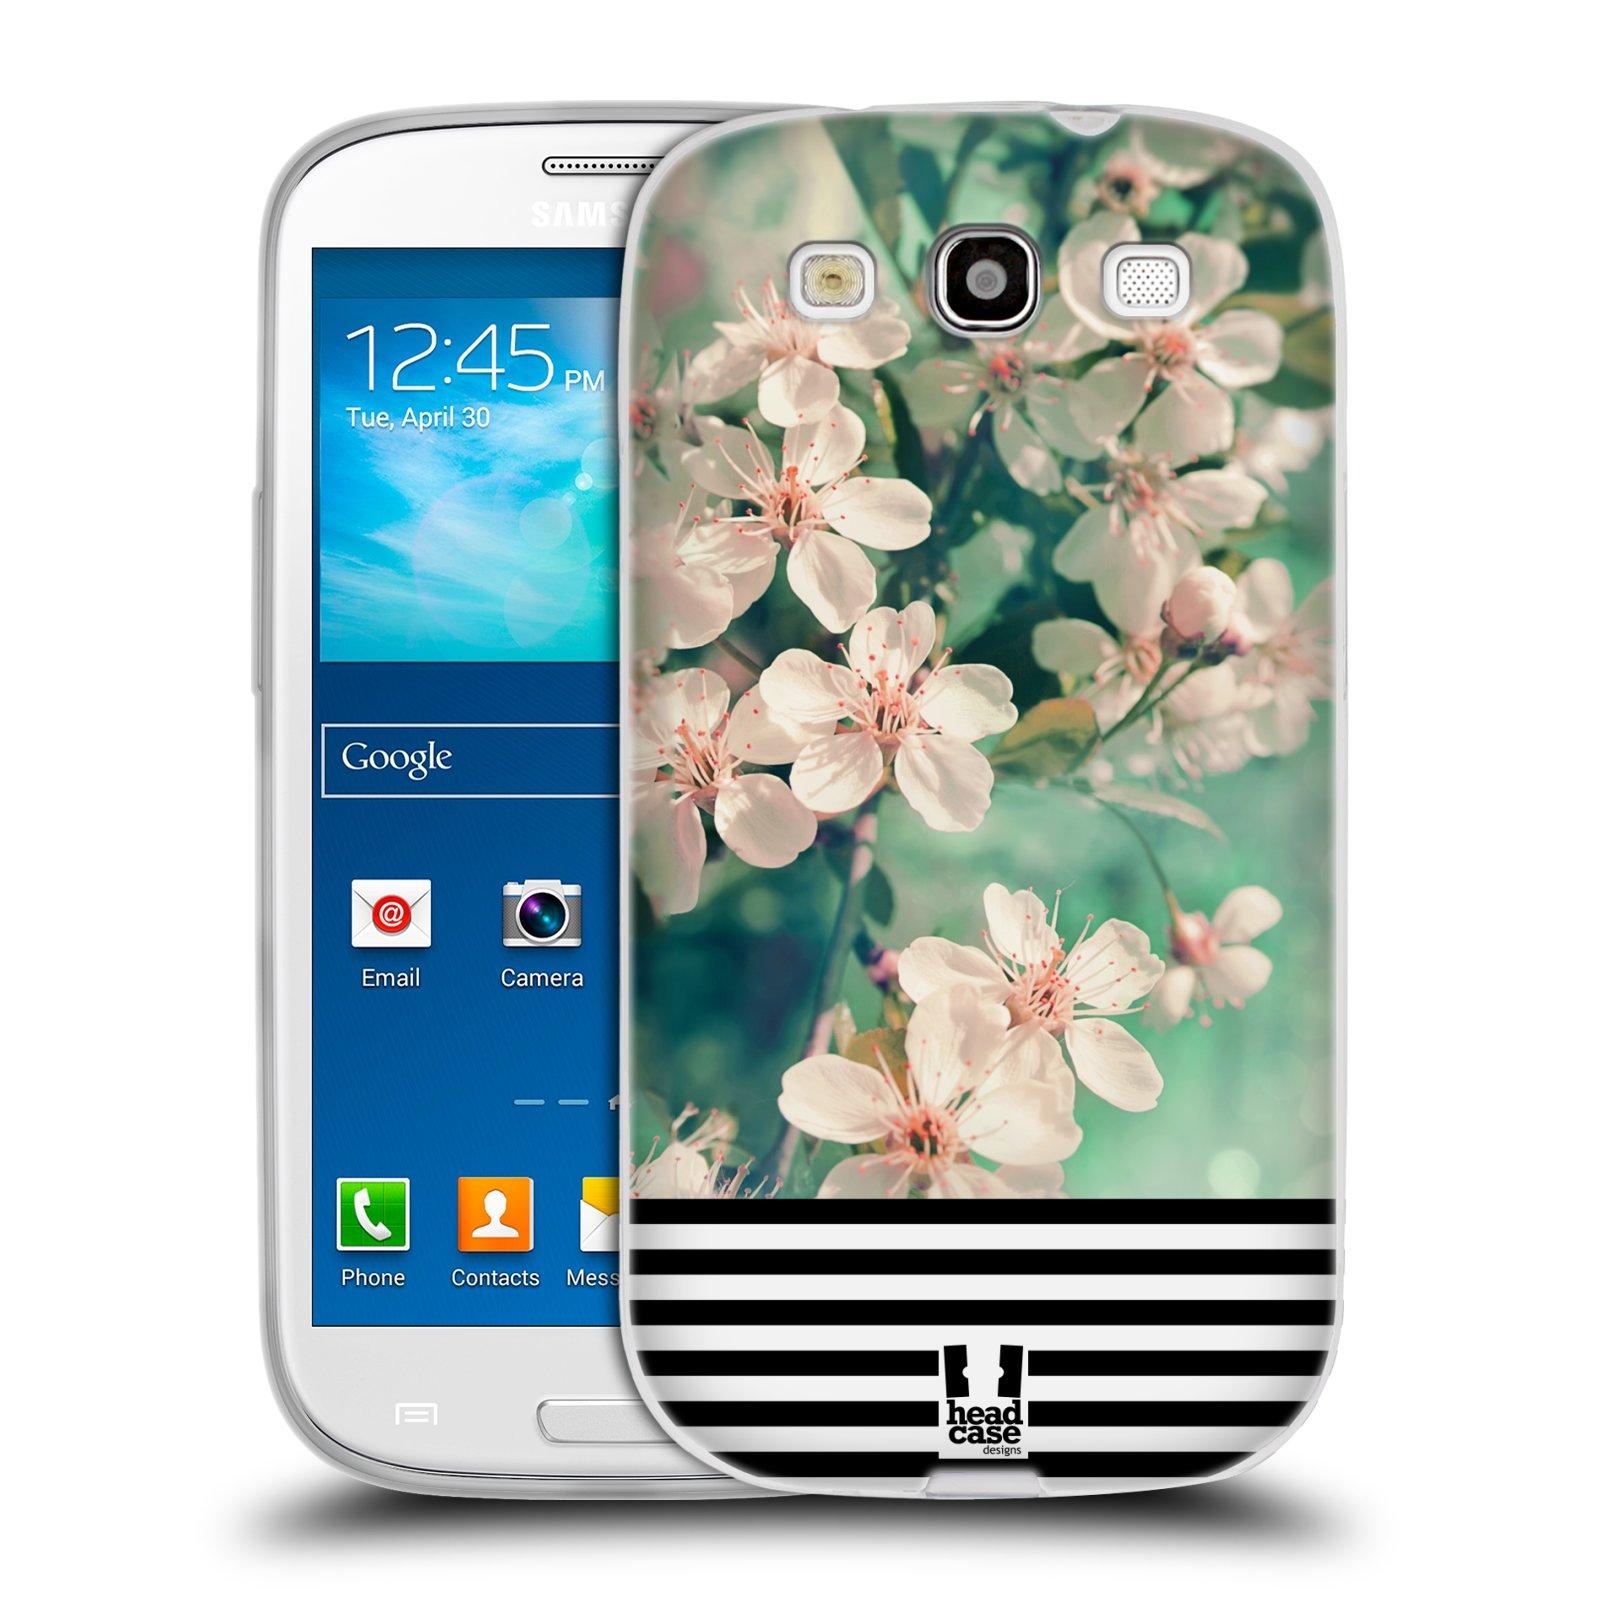 Silikonové pouzdro na mobil Samsung Galaxy S3 Neo HEAD CASE MIX FLORAL STRIPES (Silikonový kryt či obal na mobilní telefon Samsung Galaxy S3 Neo GT-i9301i)